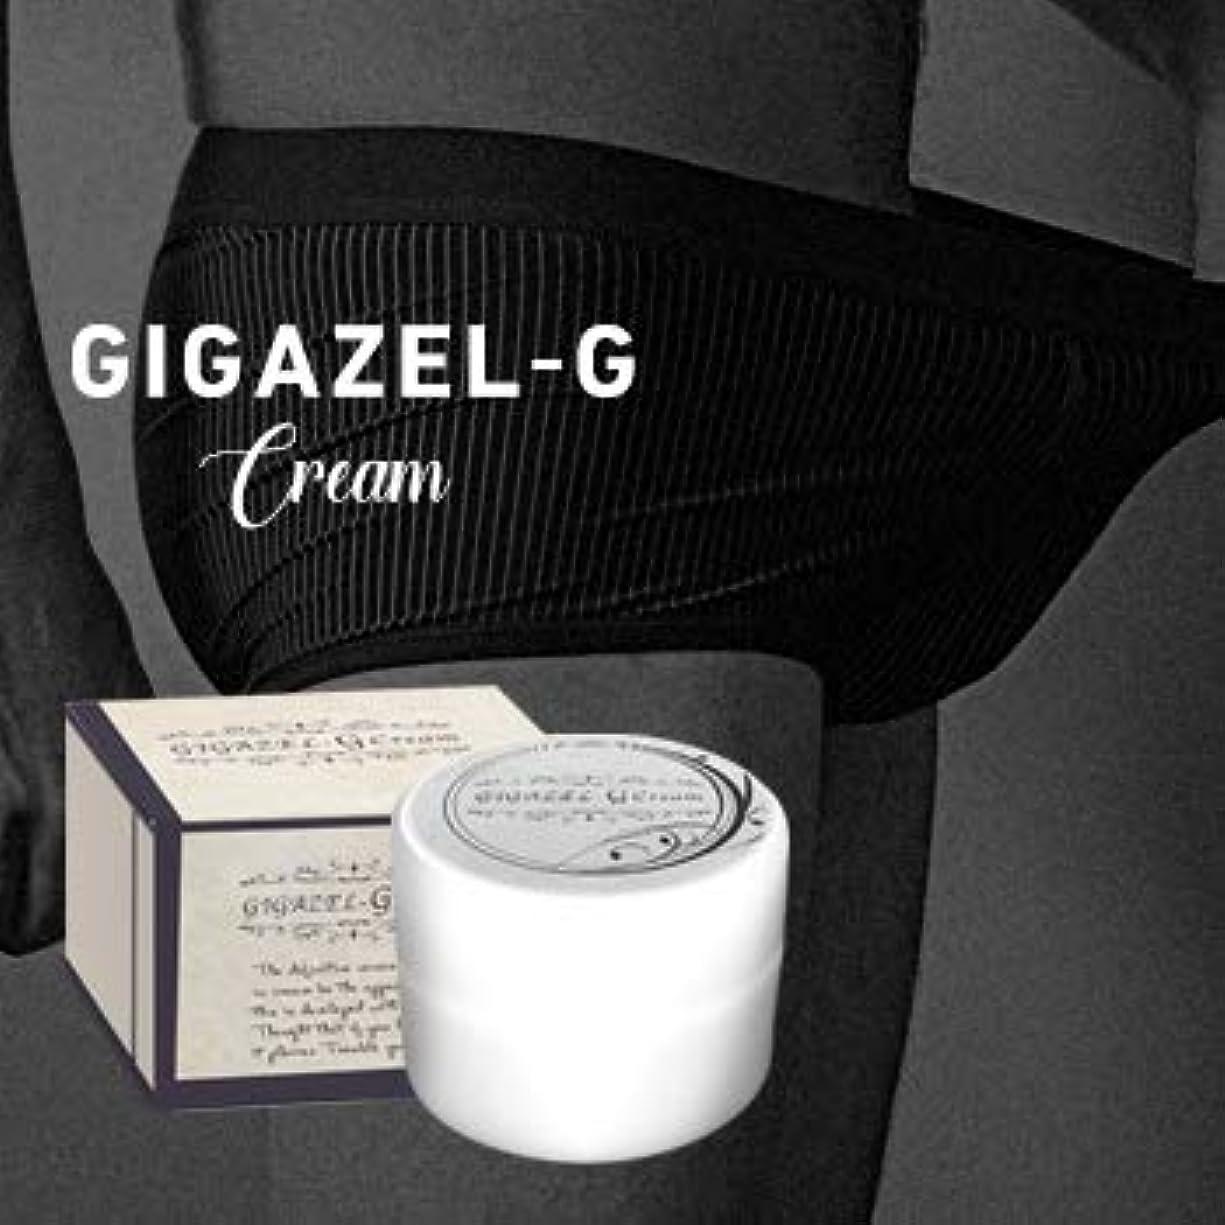 スペアお風呂を持っている爆発するGIGAZEL-G-Cream(ギガゼルGクリーム)~男性用ボディクリーム~